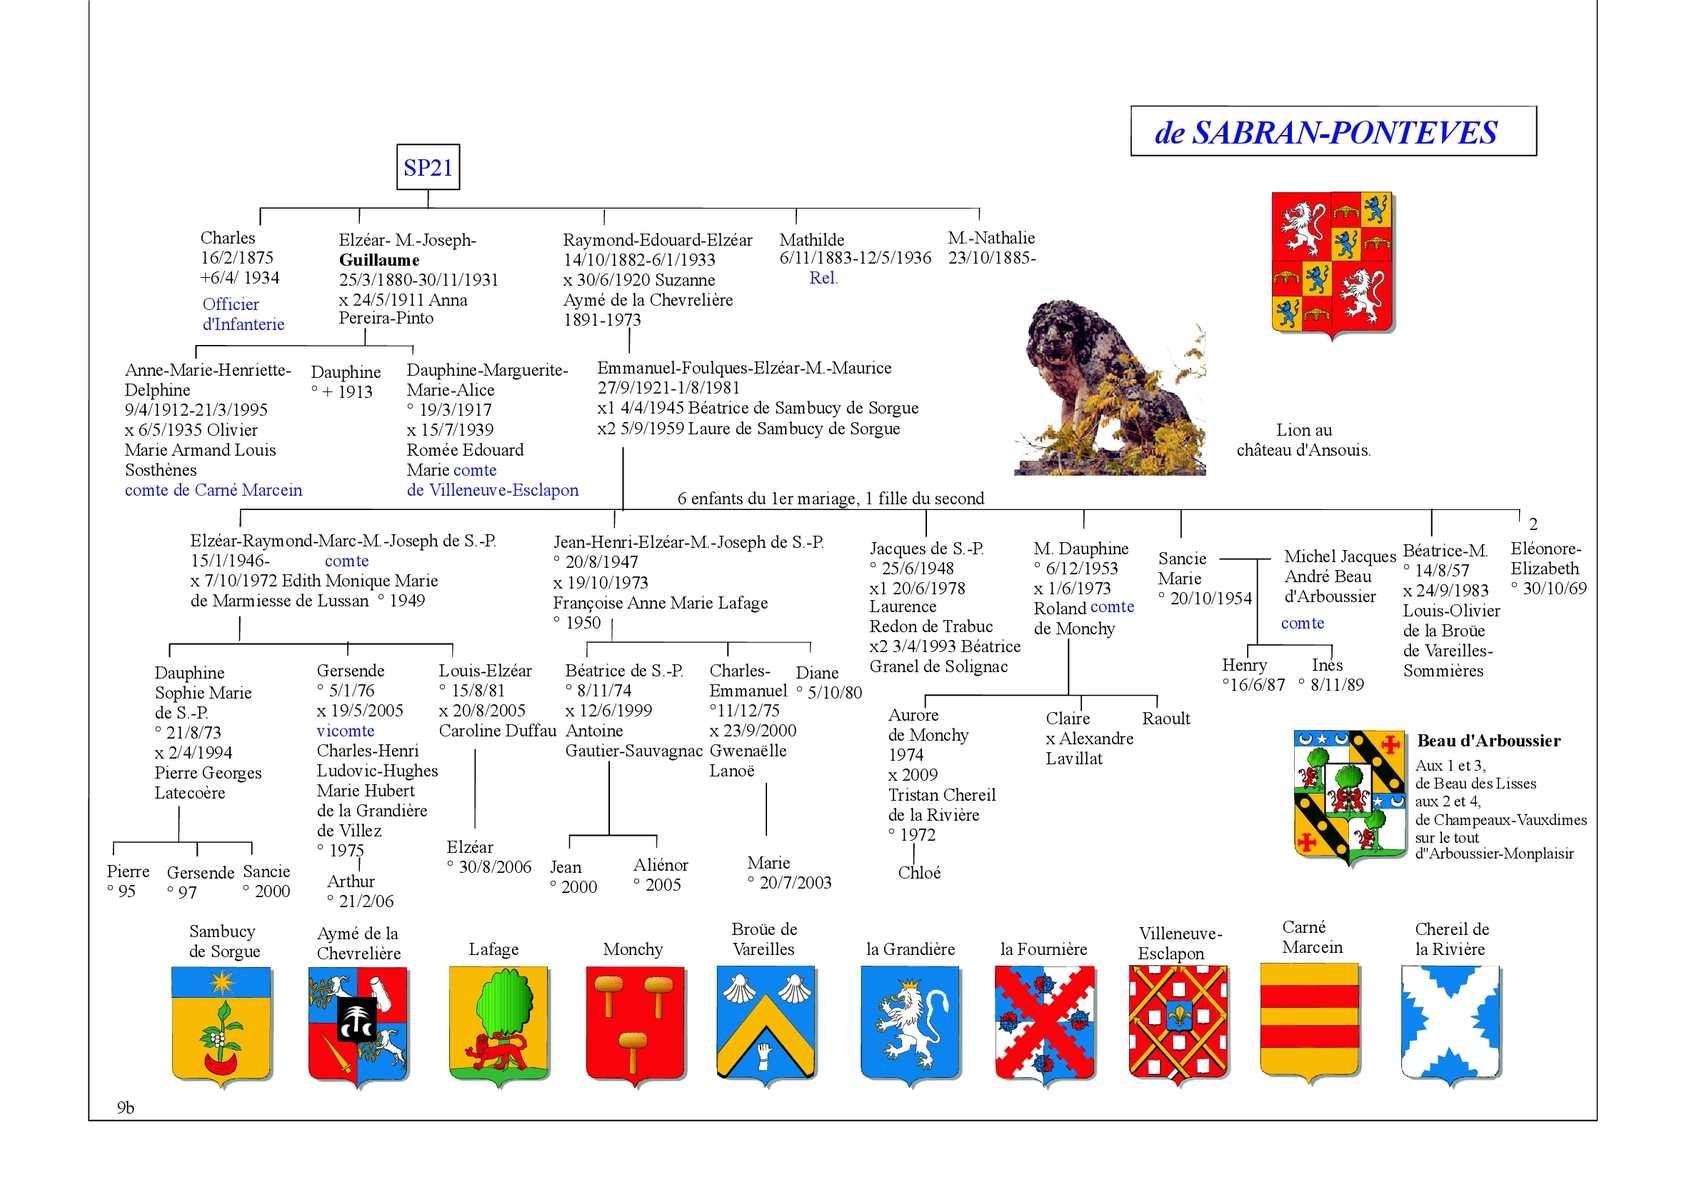 Généalogie famille SABRAN - CALAMEO Downloader